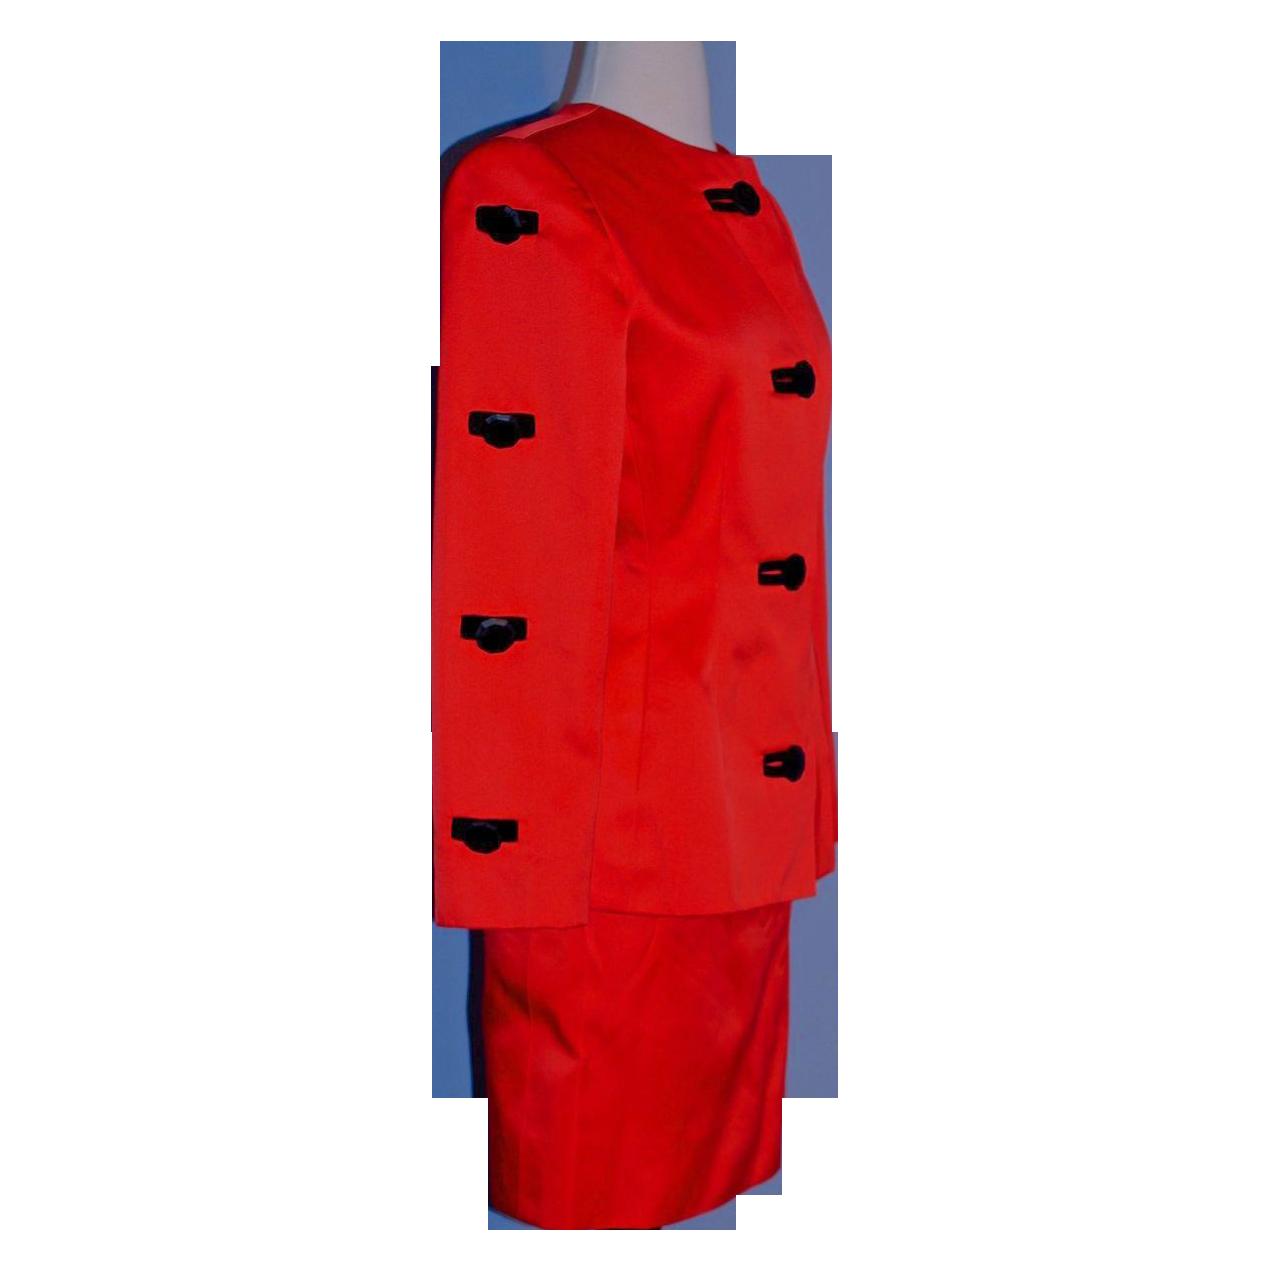 GIVENCHY  Nouvelle Boutique 2-Piece Tomato Red Silk-Satin Suit - Black Velvet Trim